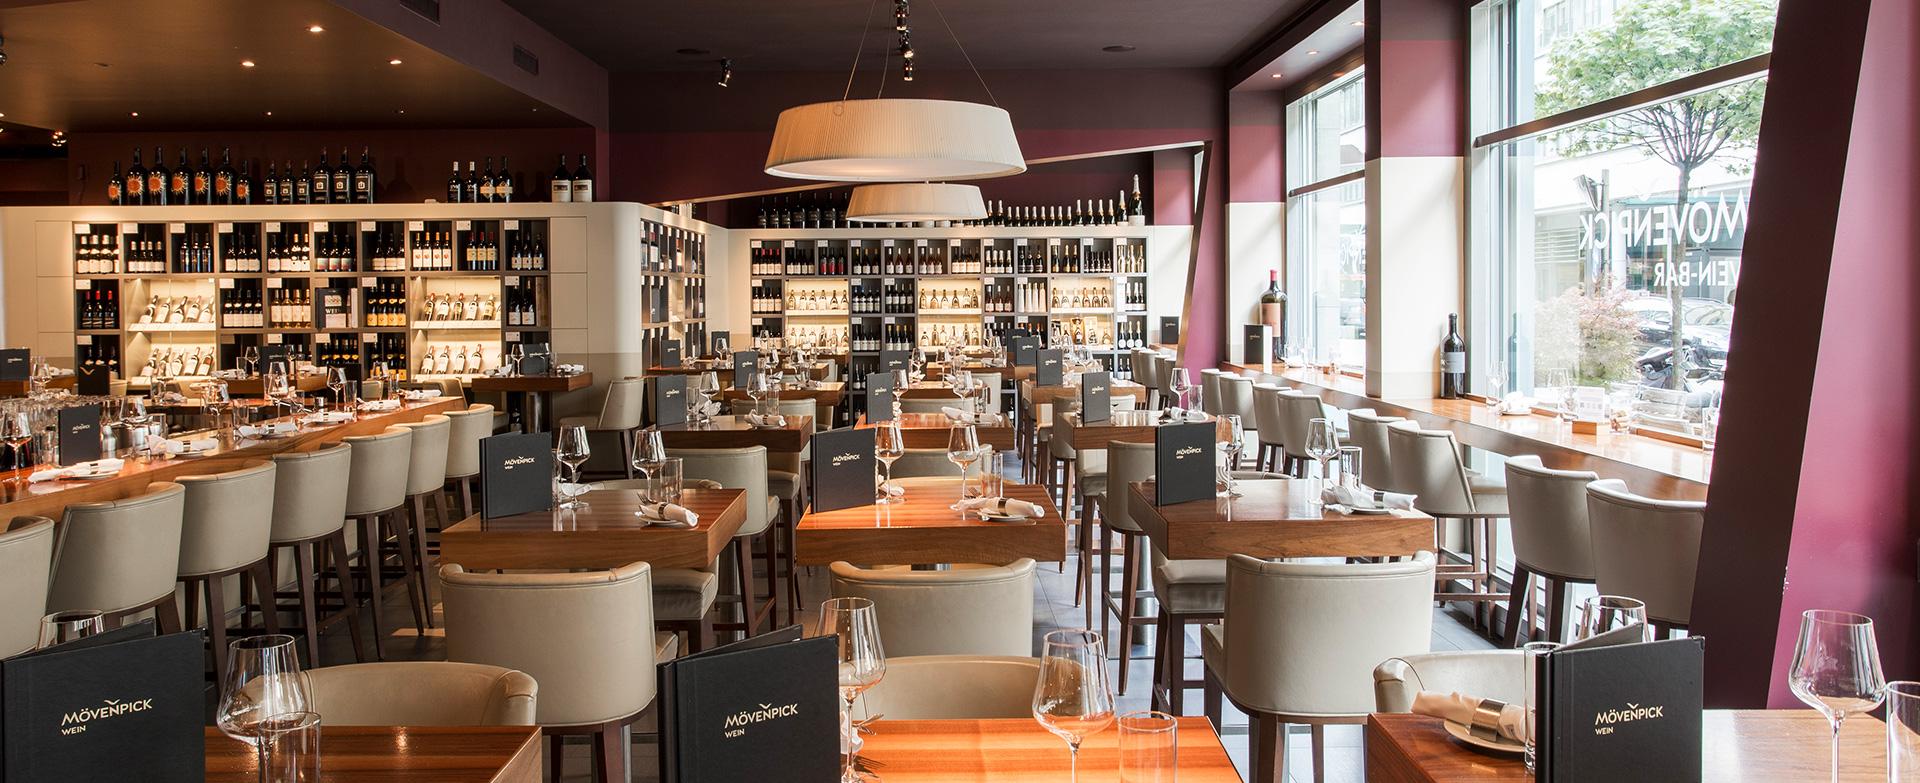 Tolle Wein Bar Design Ideen - Images for inspirierende Ideen für ...